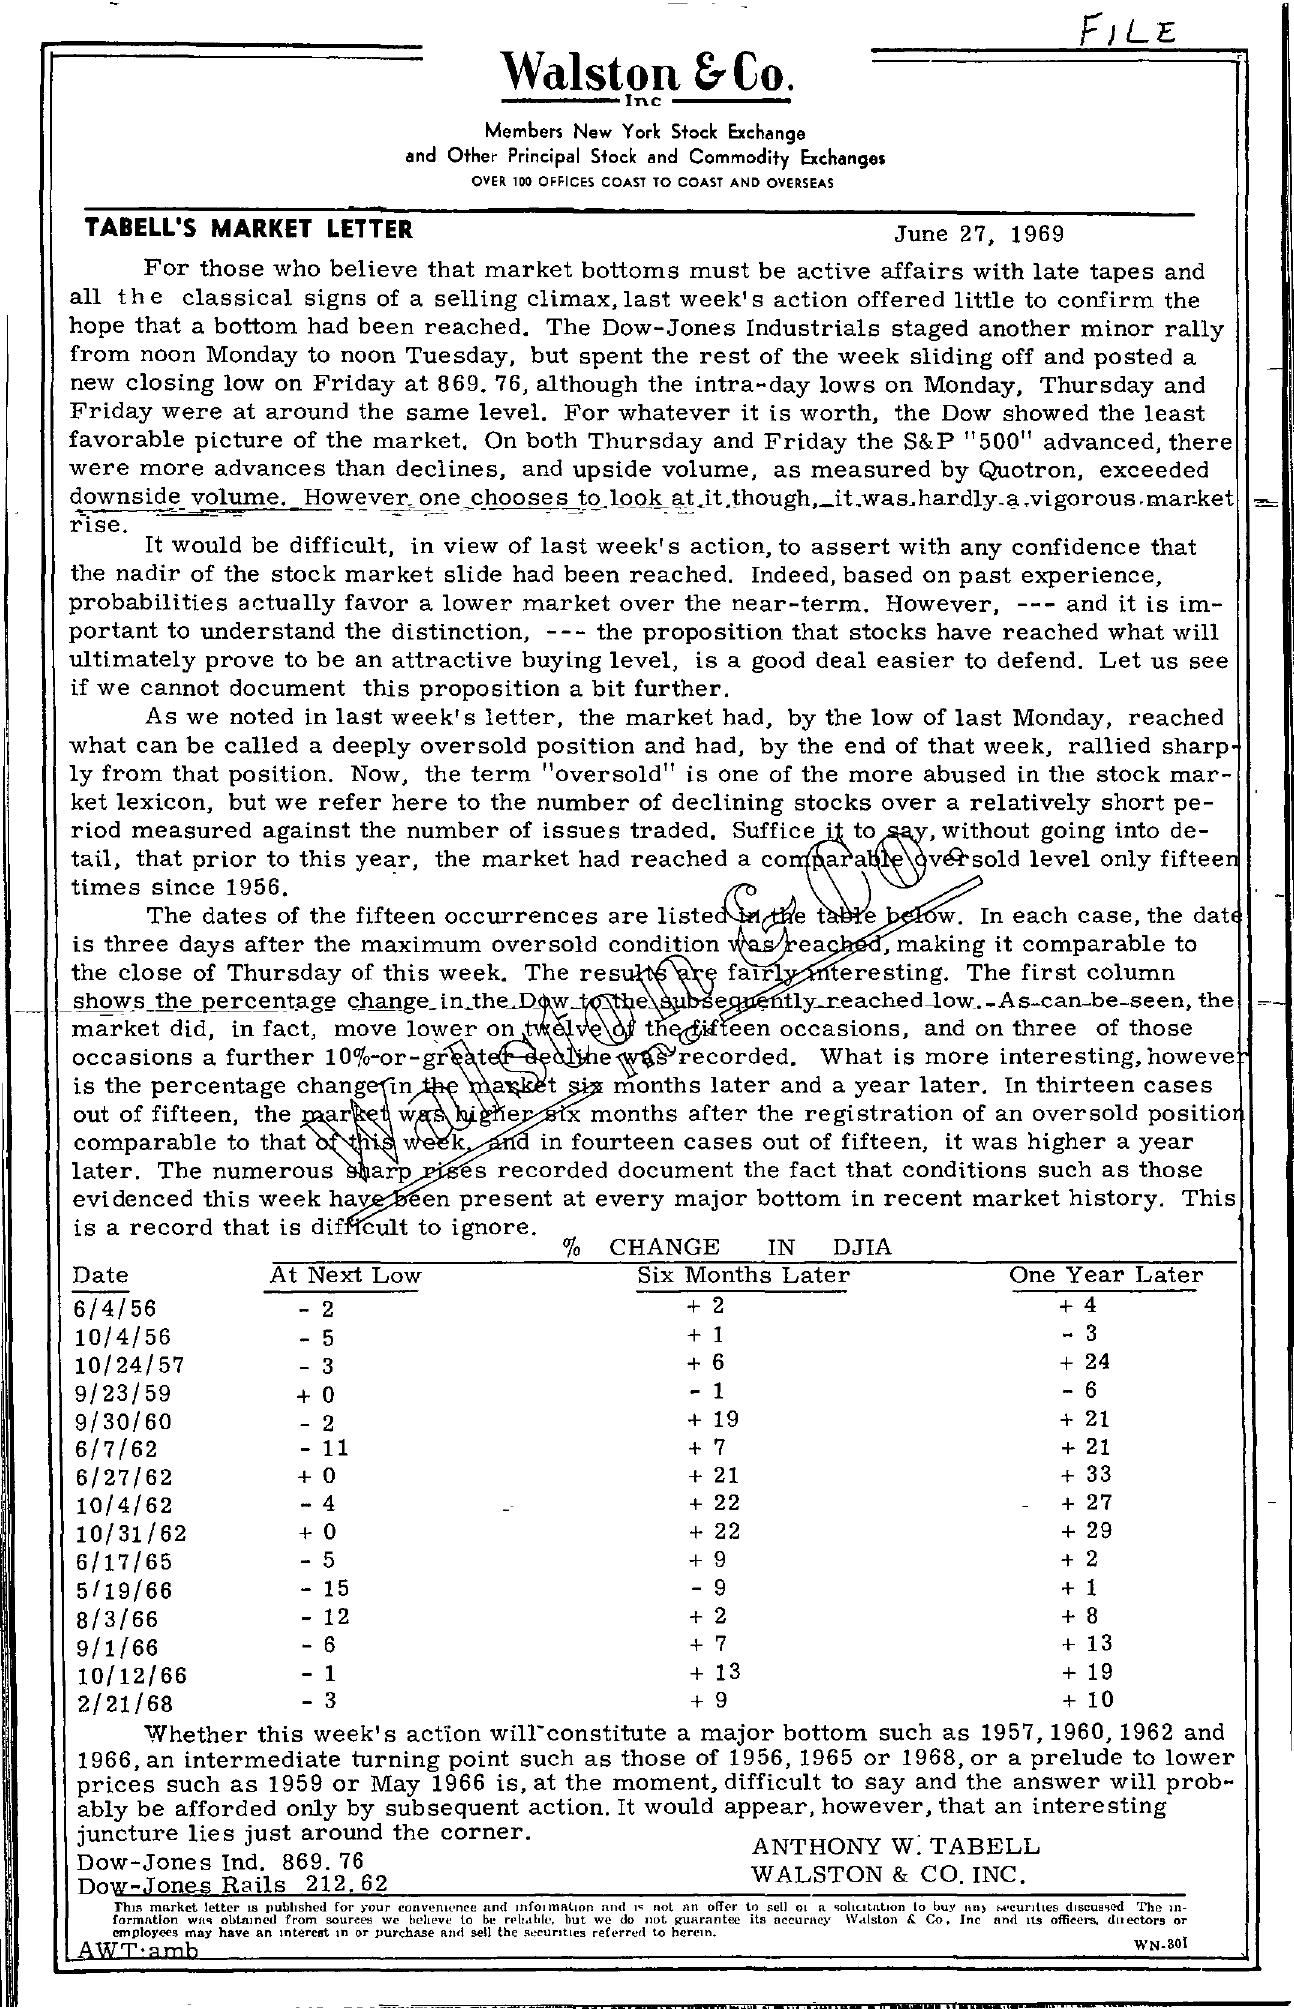 Tabell's Market Letter - June 27, 1969